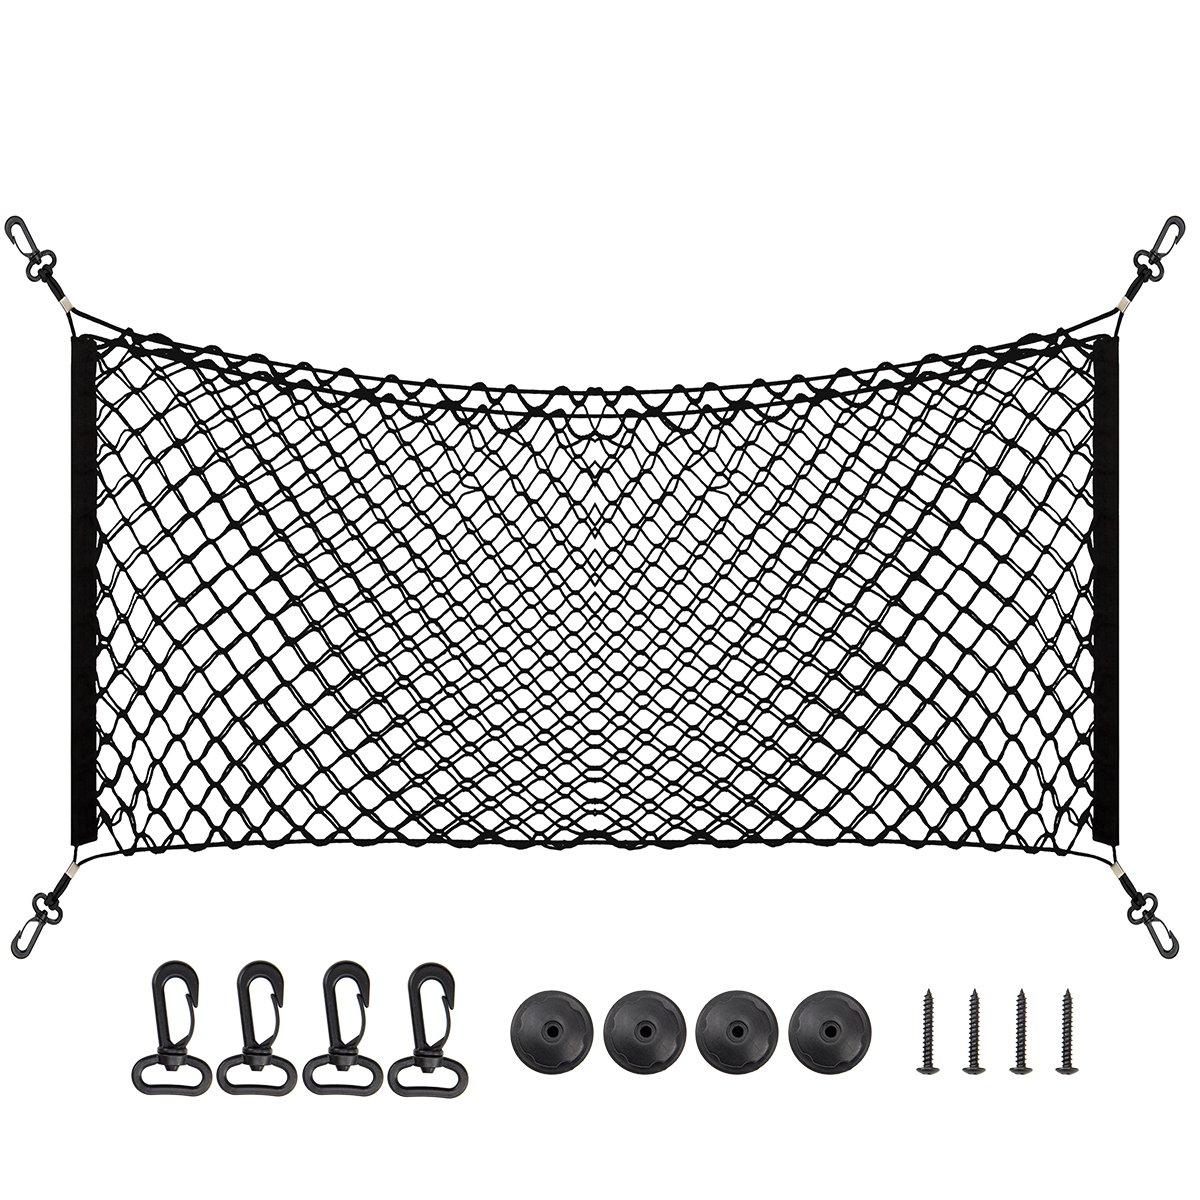 109, 2 x 45, 7 cm Groß er Rumpf Storage Net Organizer –  Schwarz Flexibler Hä ngematte Cargo Net mit 2 installationsmö glichkeiten fü r Car SUV GMC –  Universal PAMASE 4332990283